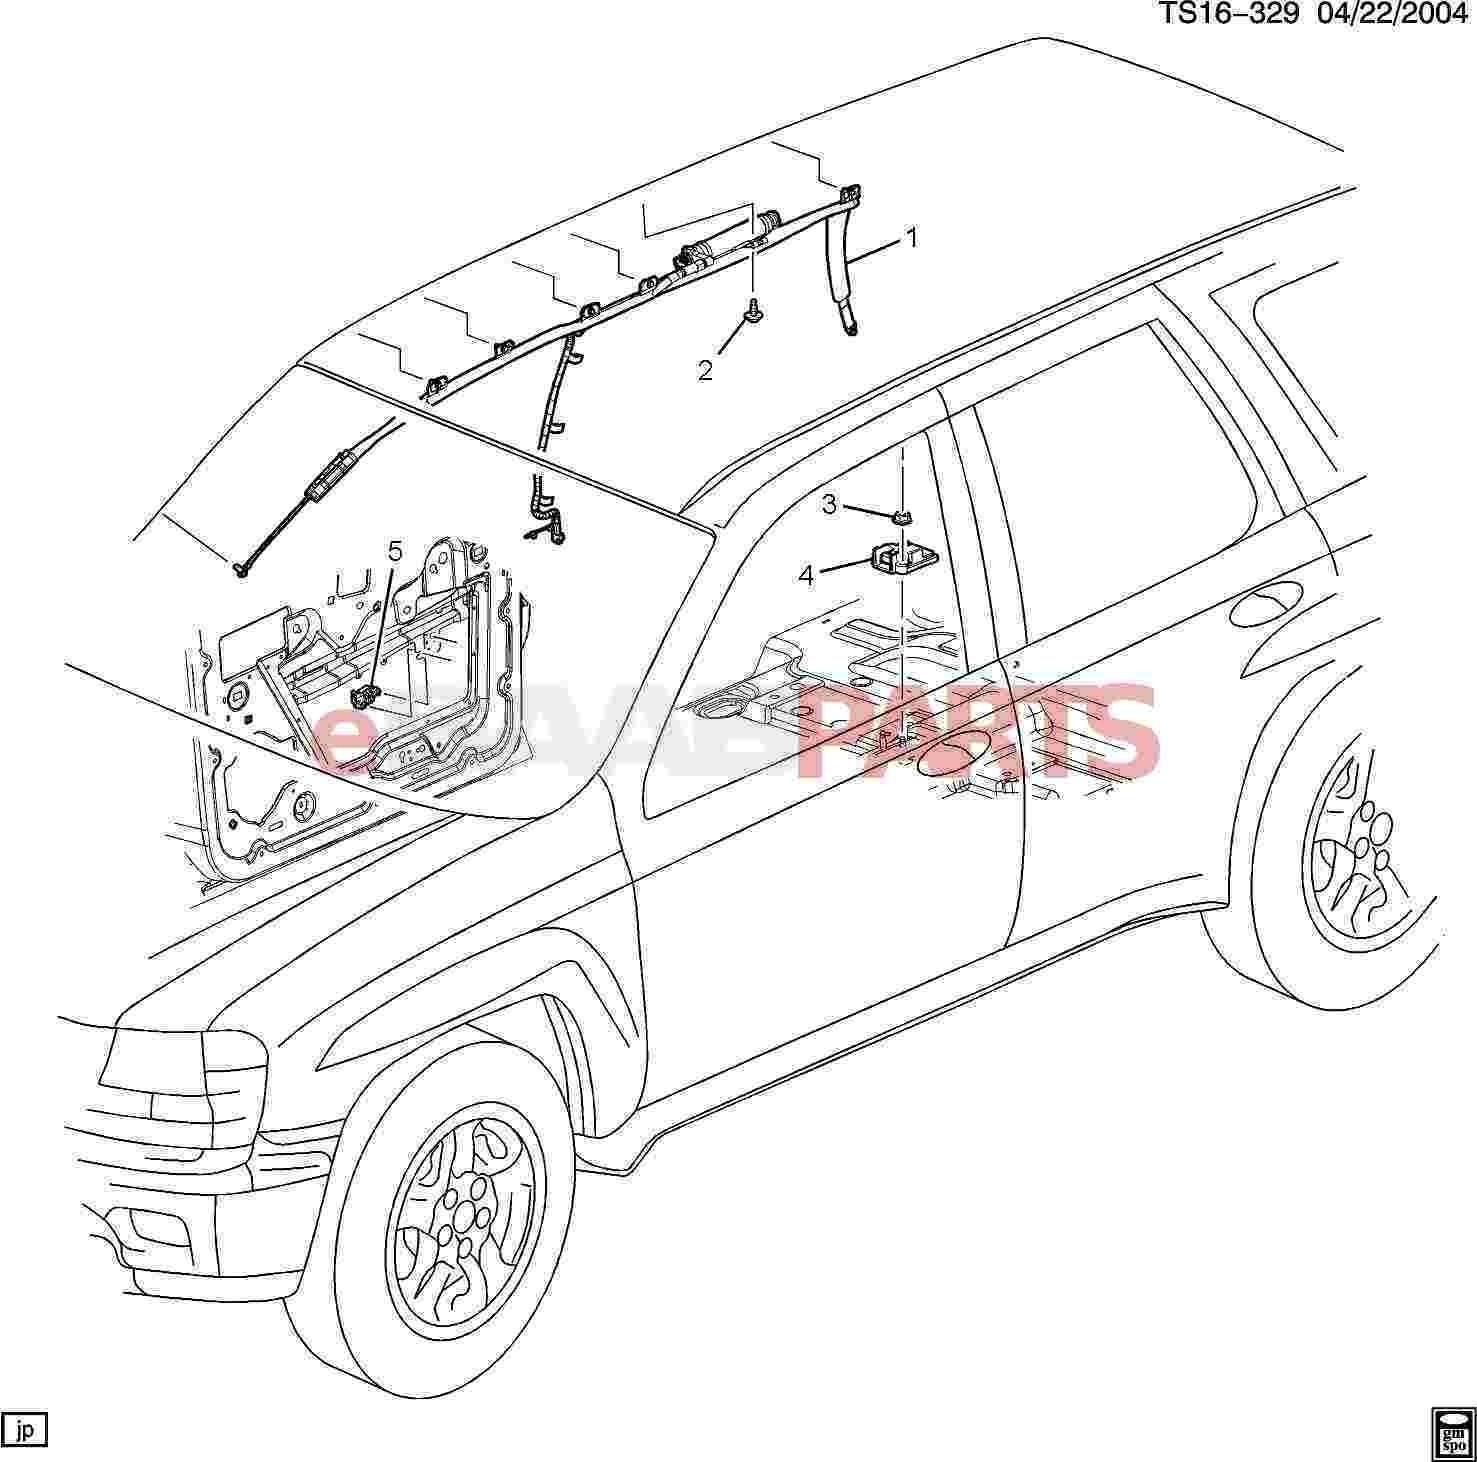 Car Diagram Exterior Diagram Parts Under A Car Diagram Car Exterior Parts ] Saab Nut Of Car Diagram Exterior